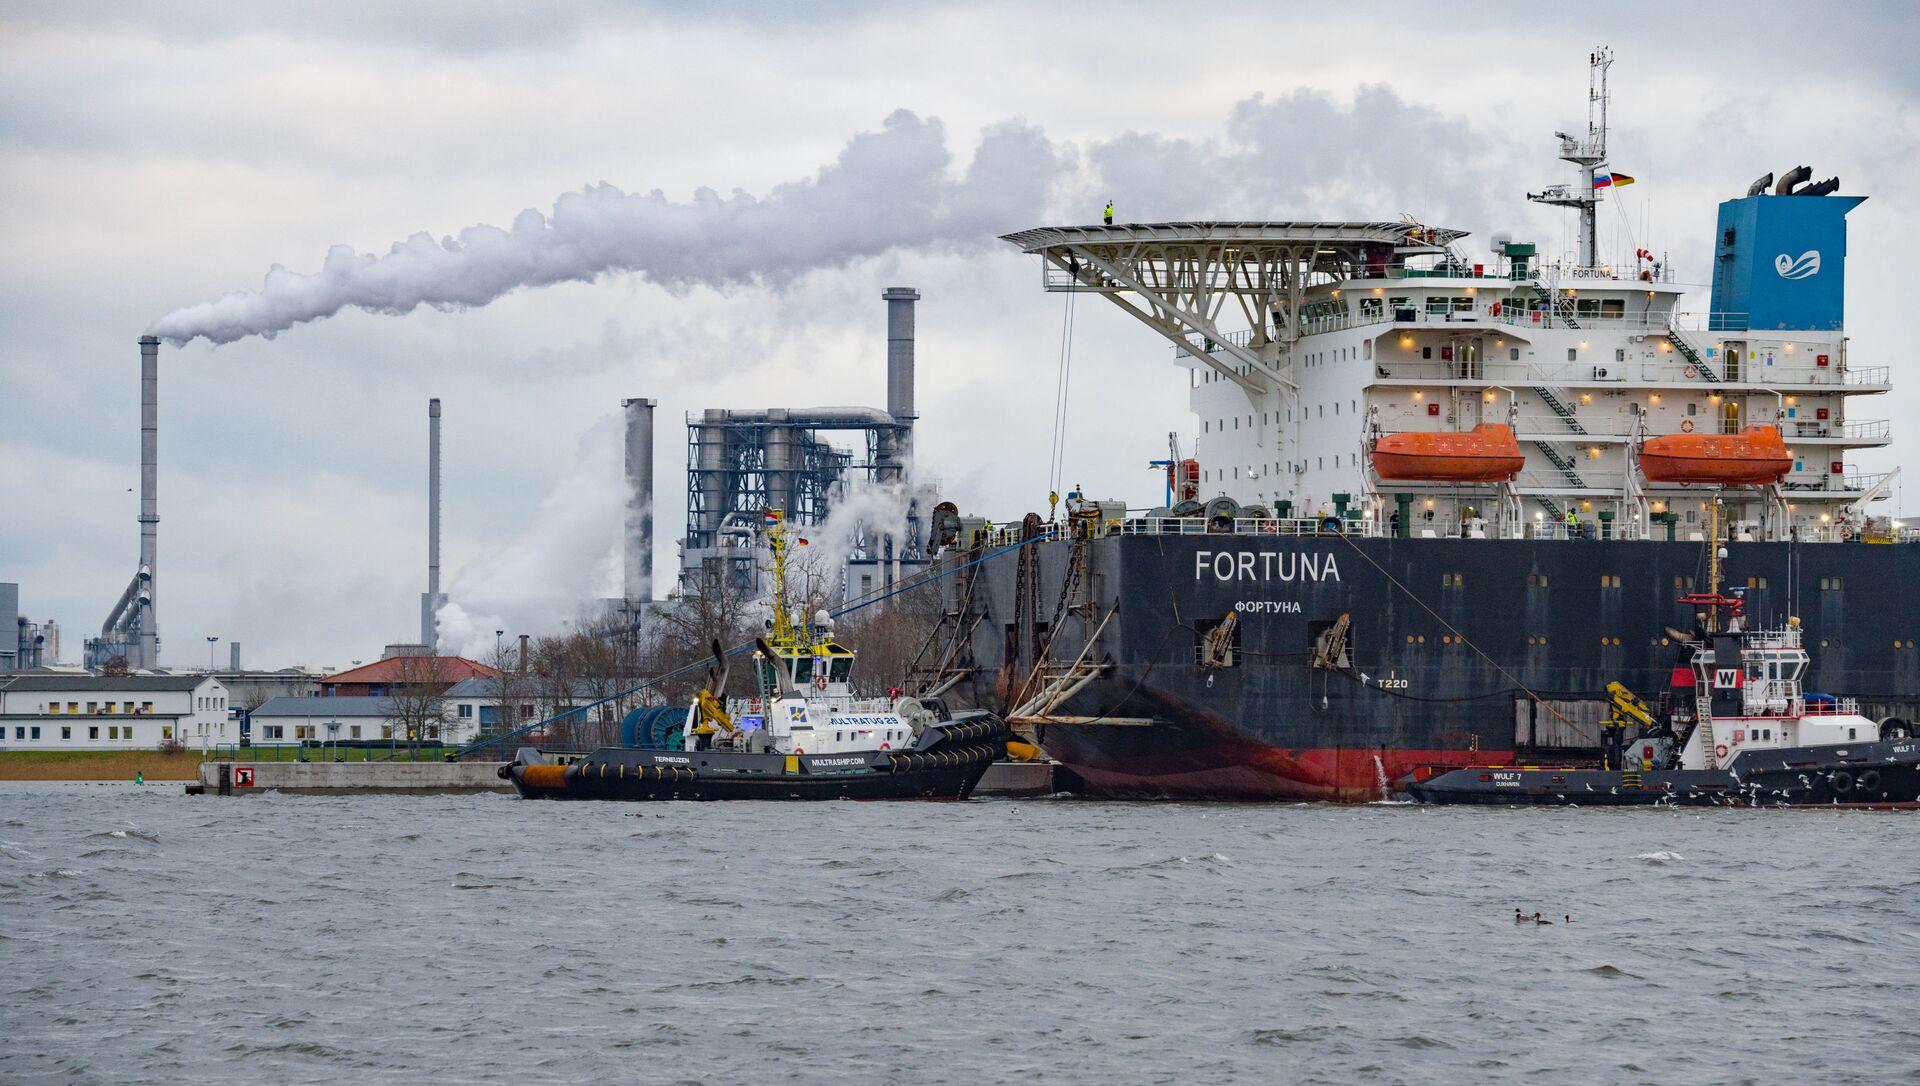 Брод за постављање гасоводних цеви Фортуна у луци Висмар - Sputnik Србија, 1920, 05.05.2021